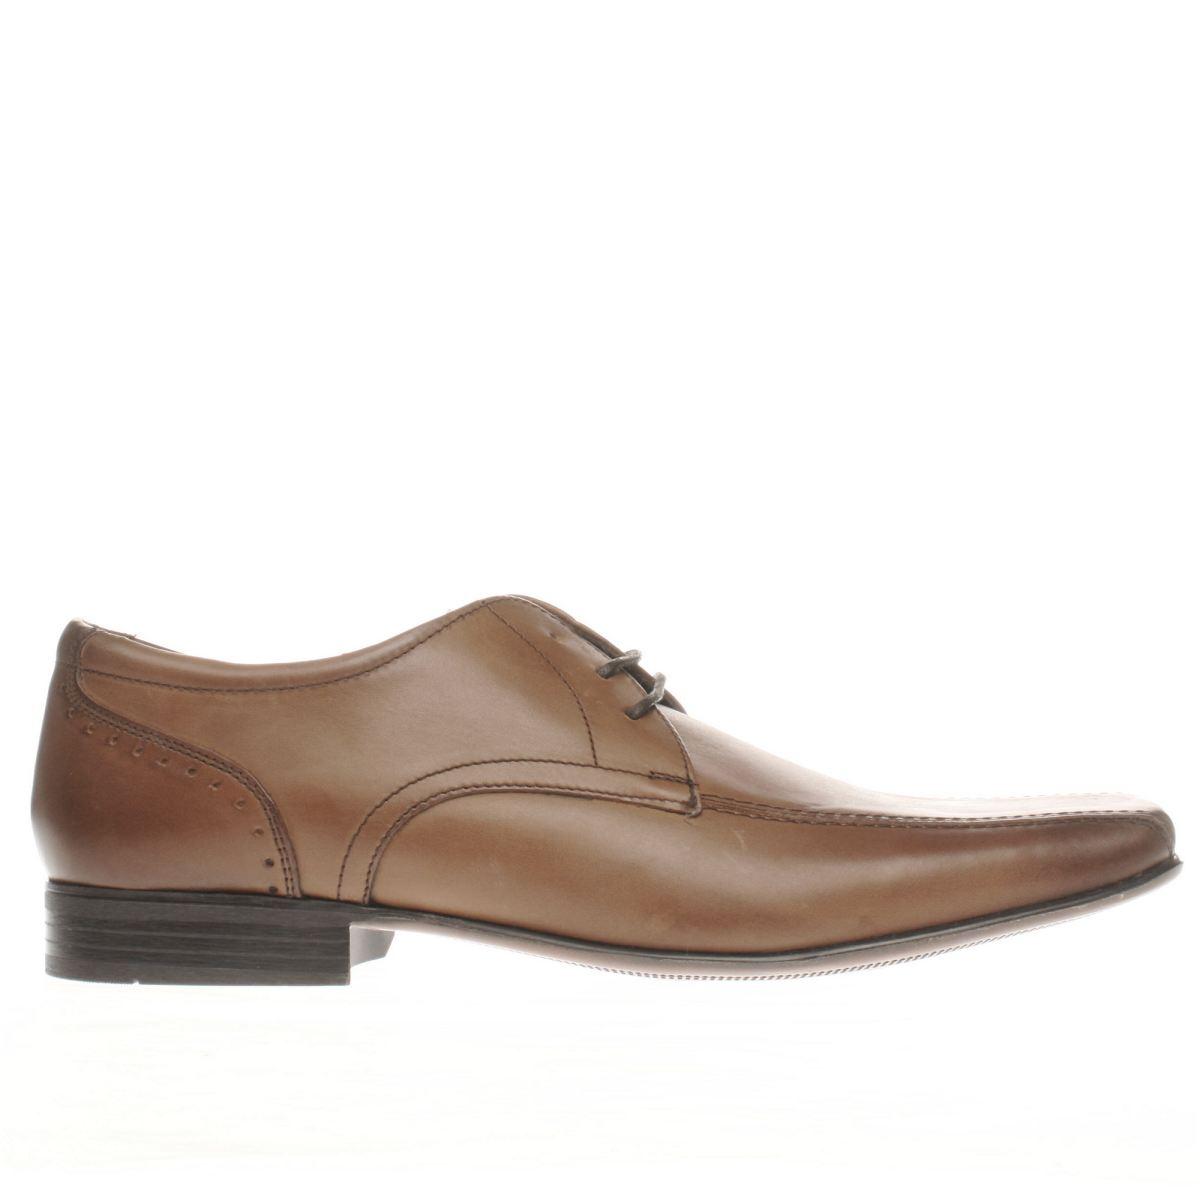 Ikon Ikon Tan English Ii Lace Shoes